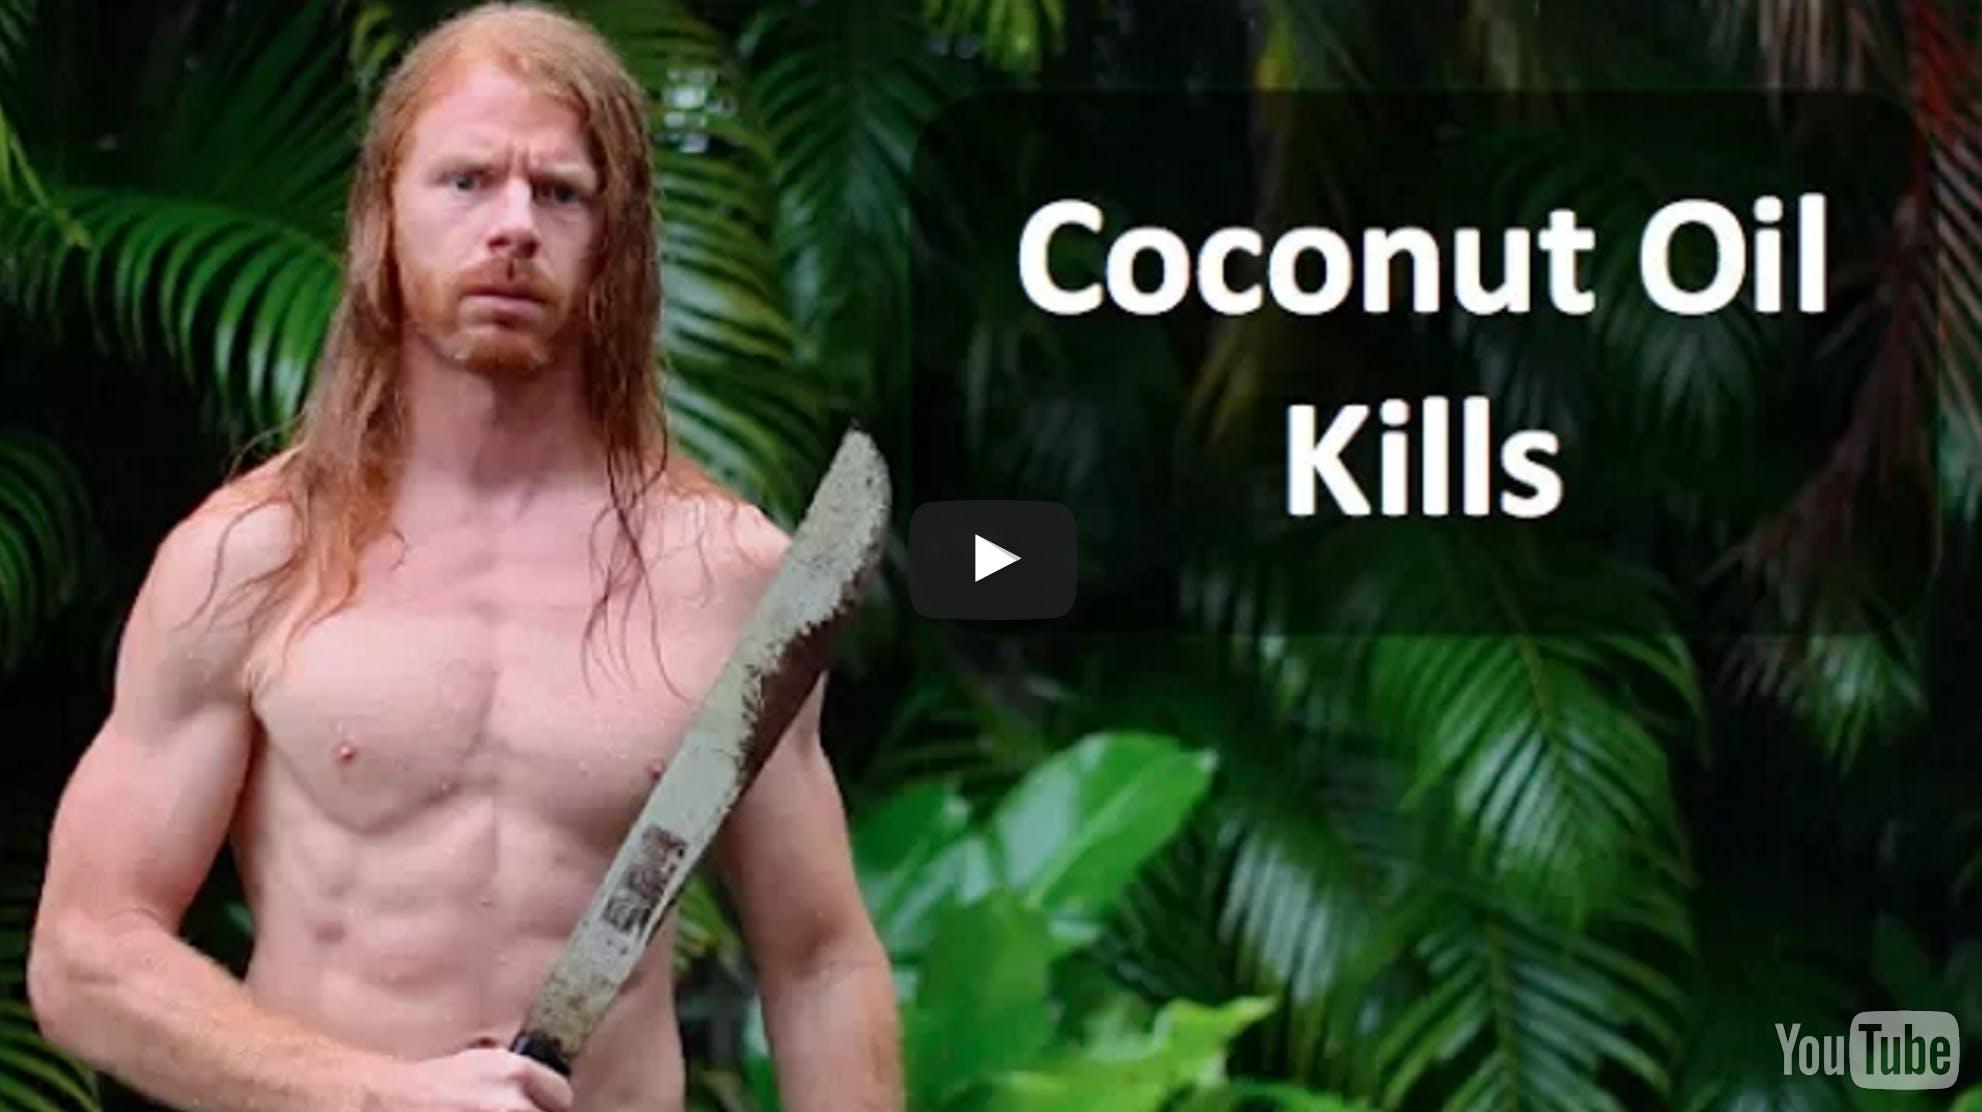 Will Coconut Oil Kill You?